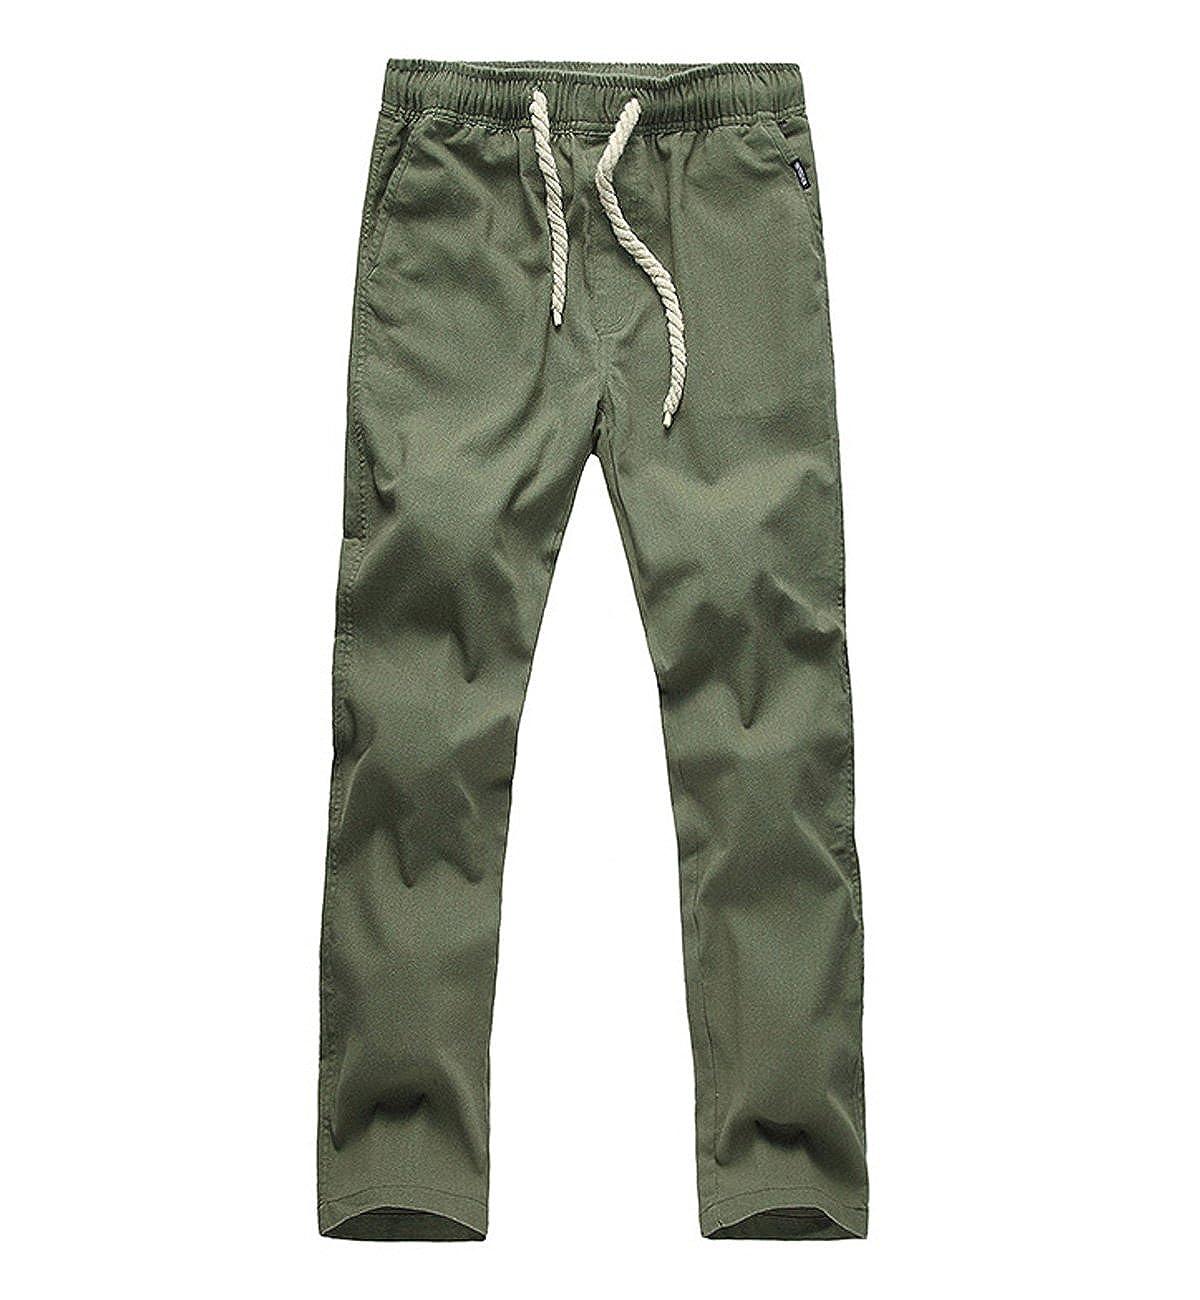 TALLA L/EU M. Surenow Pantalones de Lino para Hombre Cómodo Largo Cintura Elástica Casual